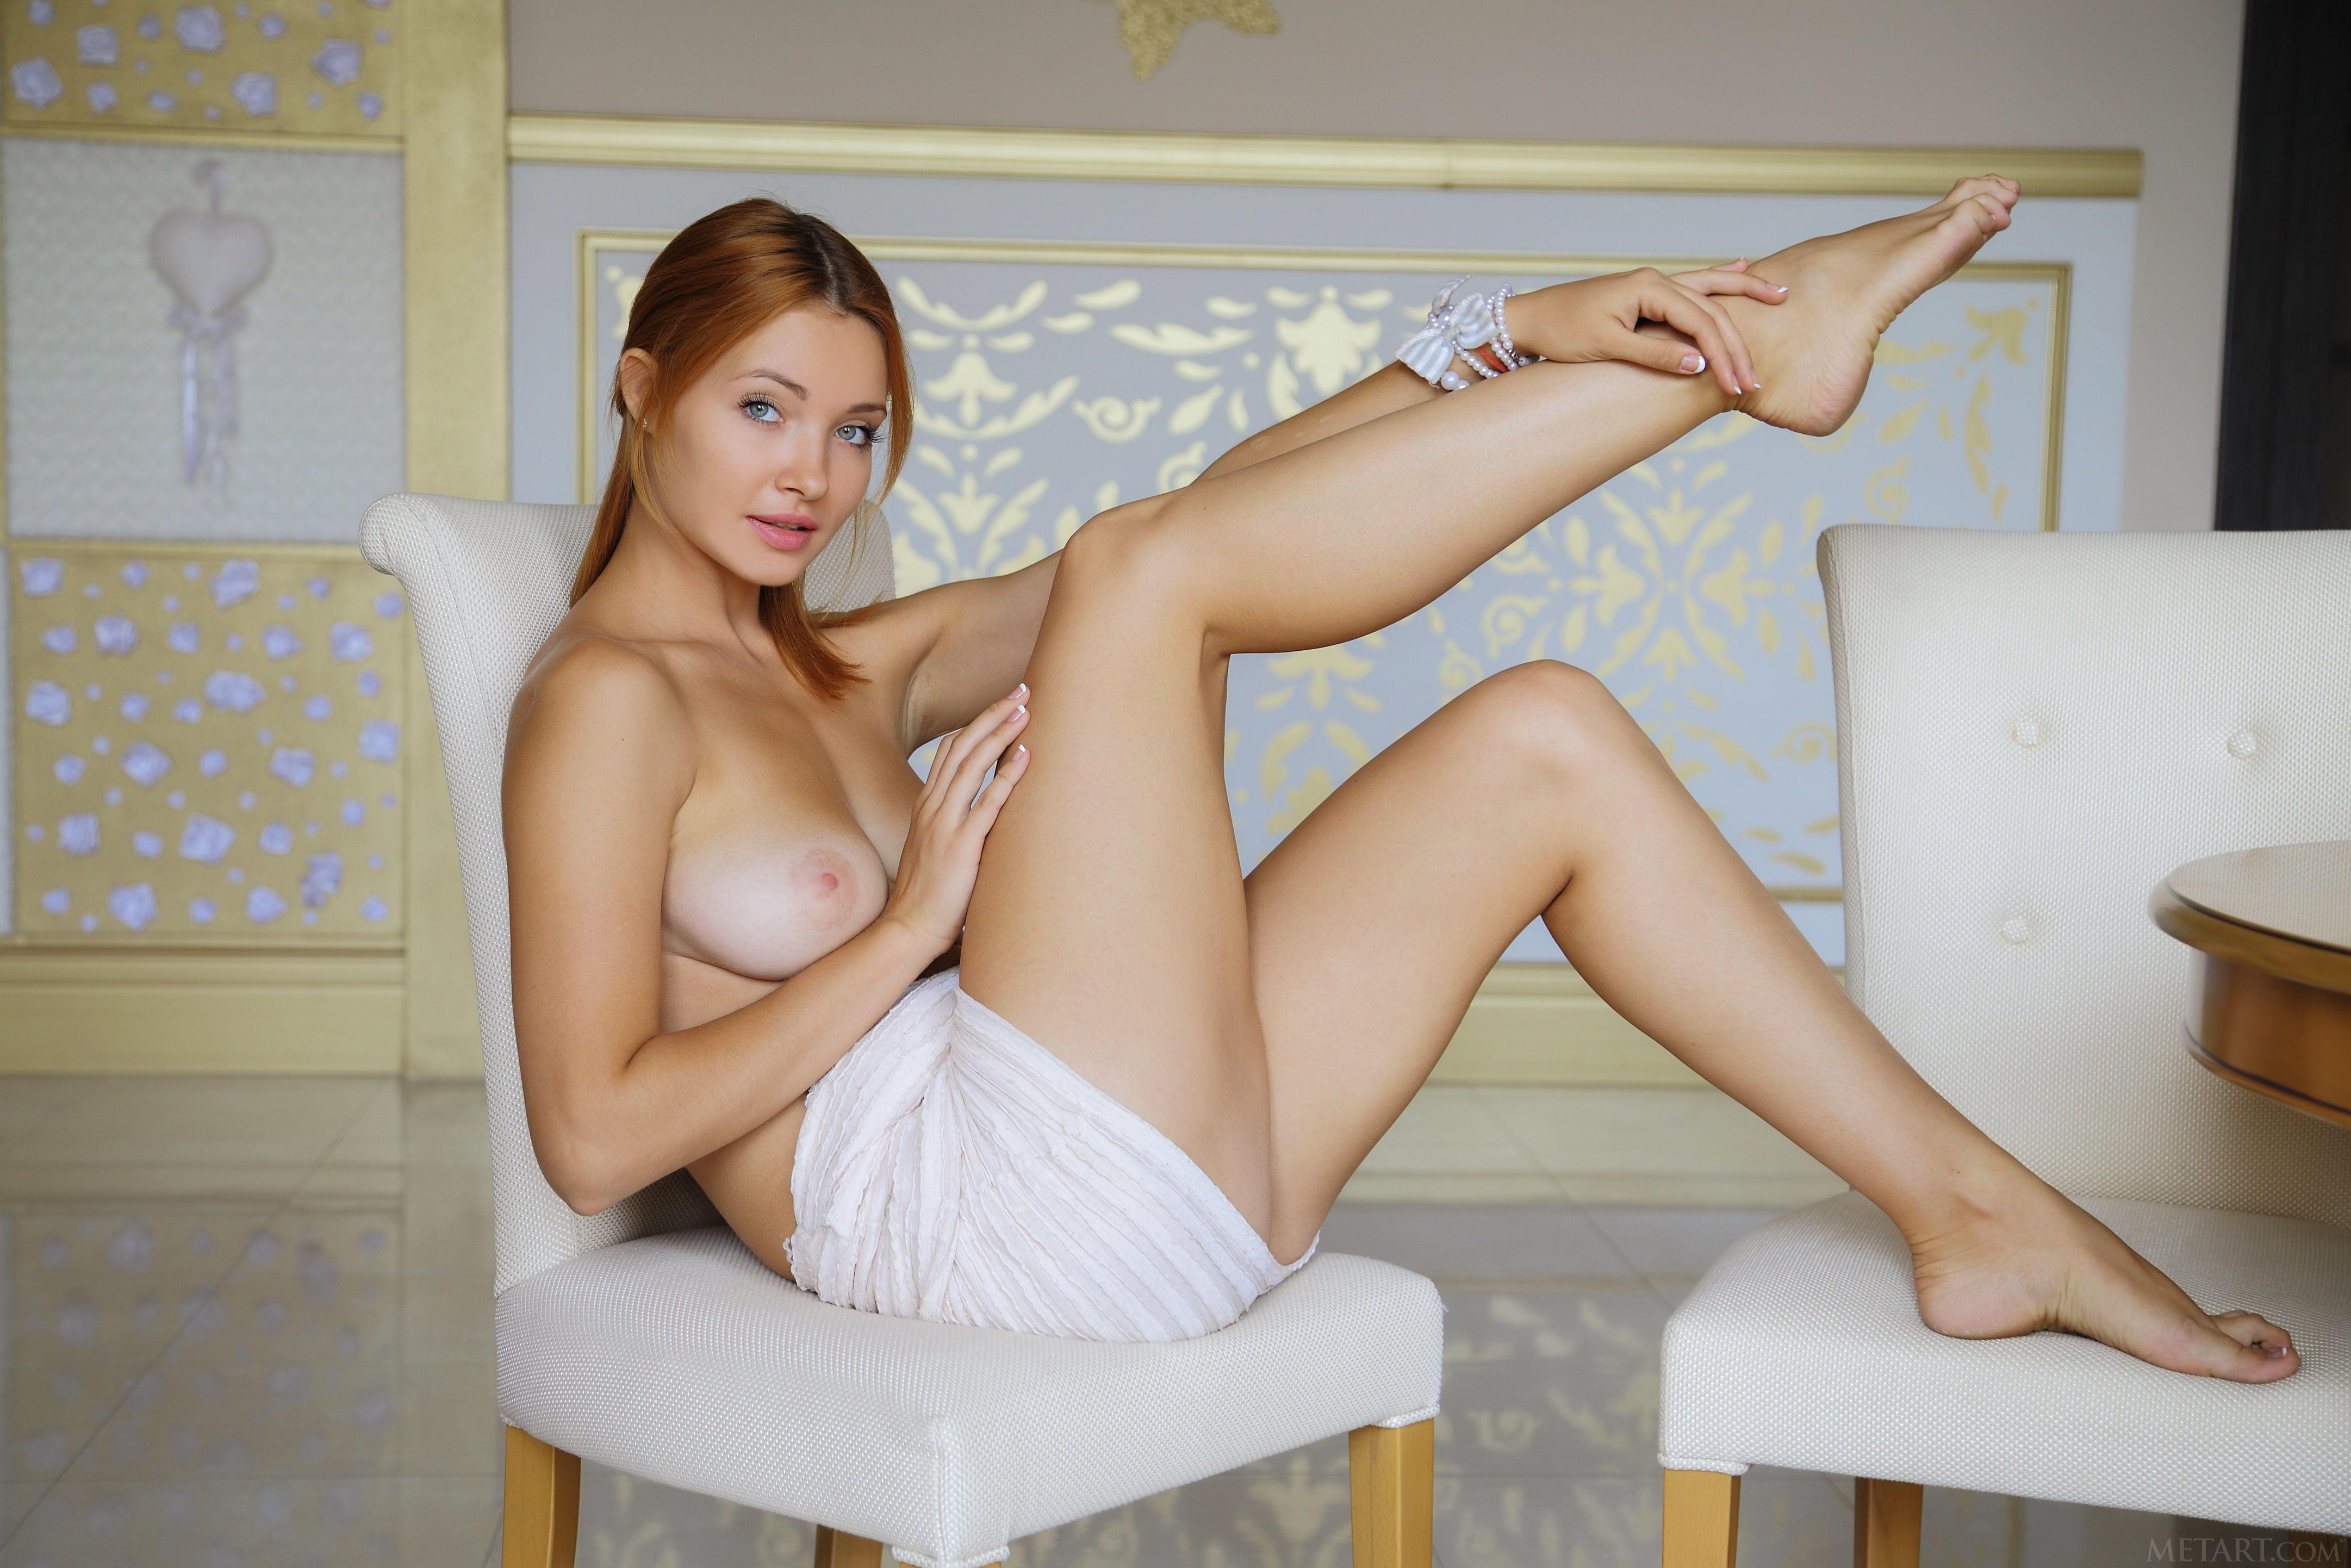 Erotic met art